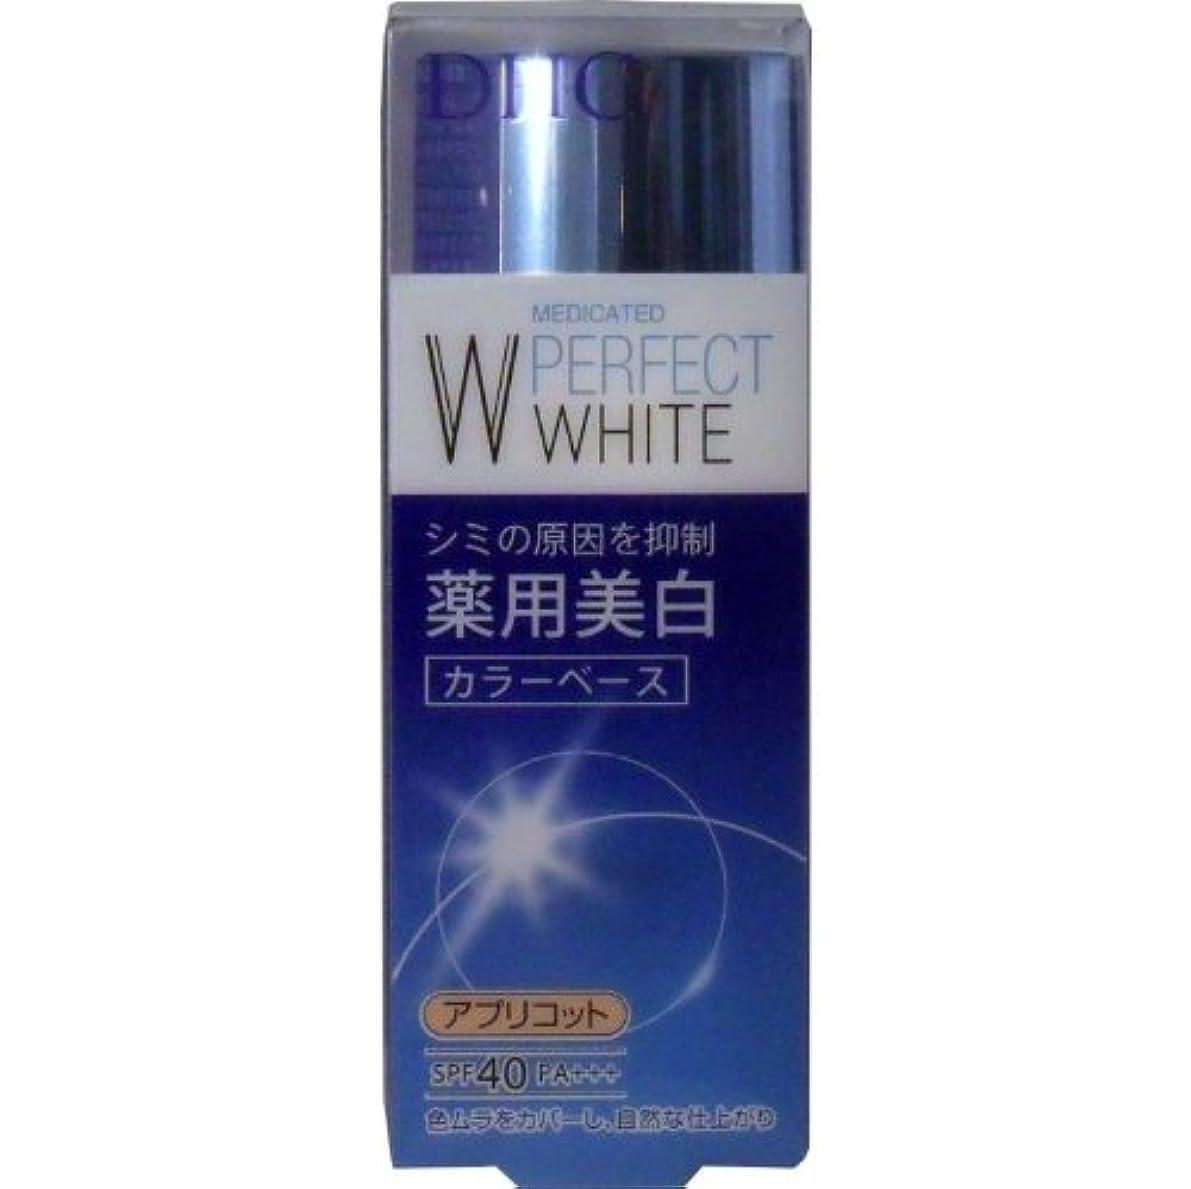 球体組立囲まれたDHC 薬用美白パーフェクトホワイト カラーベース アプリコット 30g